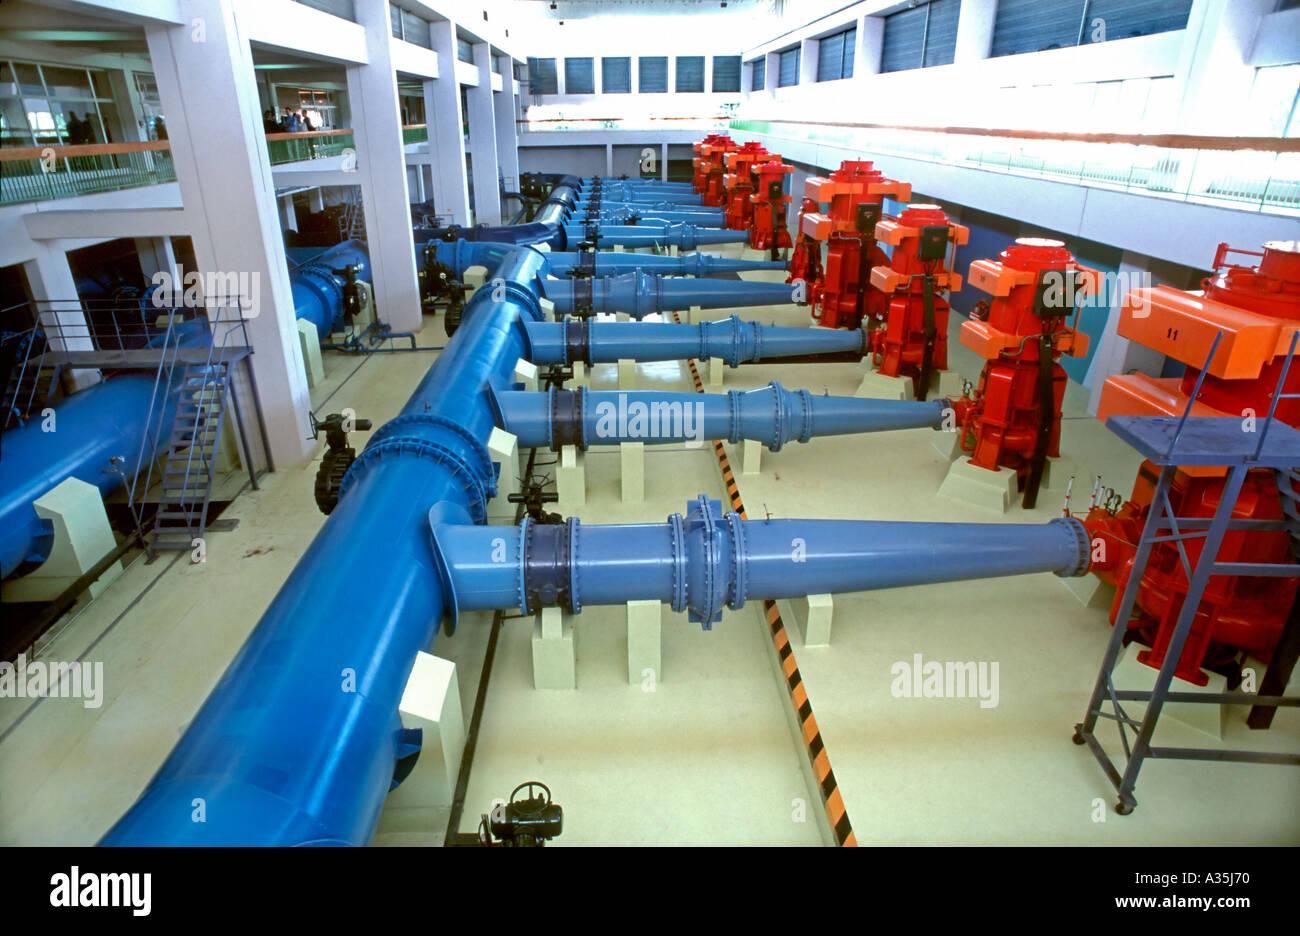 Lyon France, usine de traitement de l'eau propre de l'entreprise Veolia Eau, à Villeurban Station de pompage, l'intérieur des tuyauteries Photo Stock